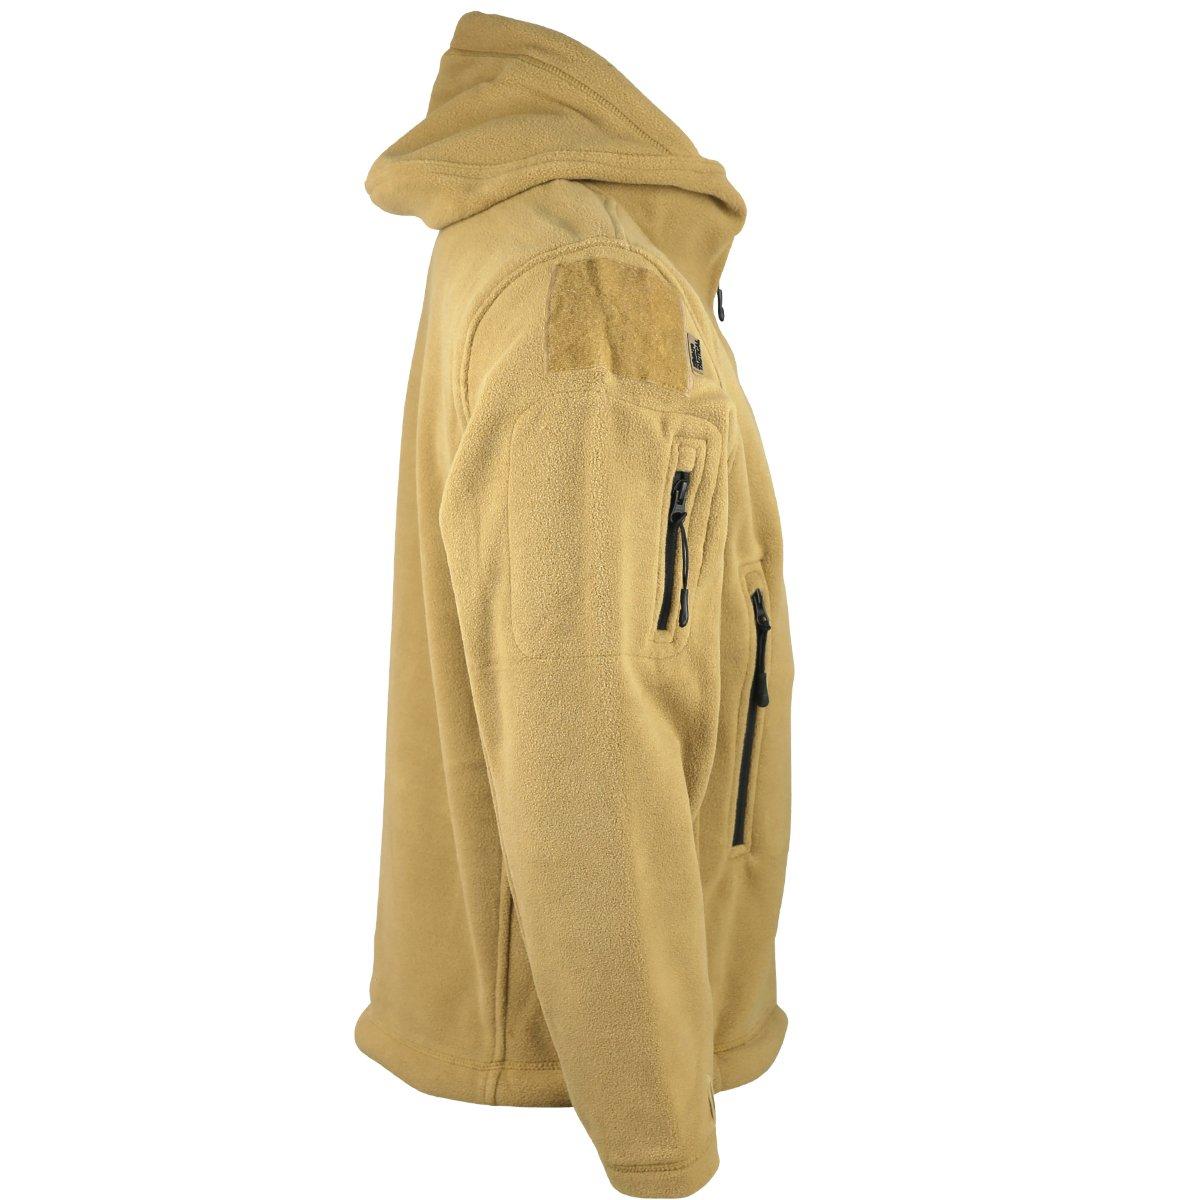 Kombat UK Recon Tactical Fleece Hoodie B01EN7Q4E6 Jacken Tragen Tragen Tragen Sie Ihr Grünrauen f9821f